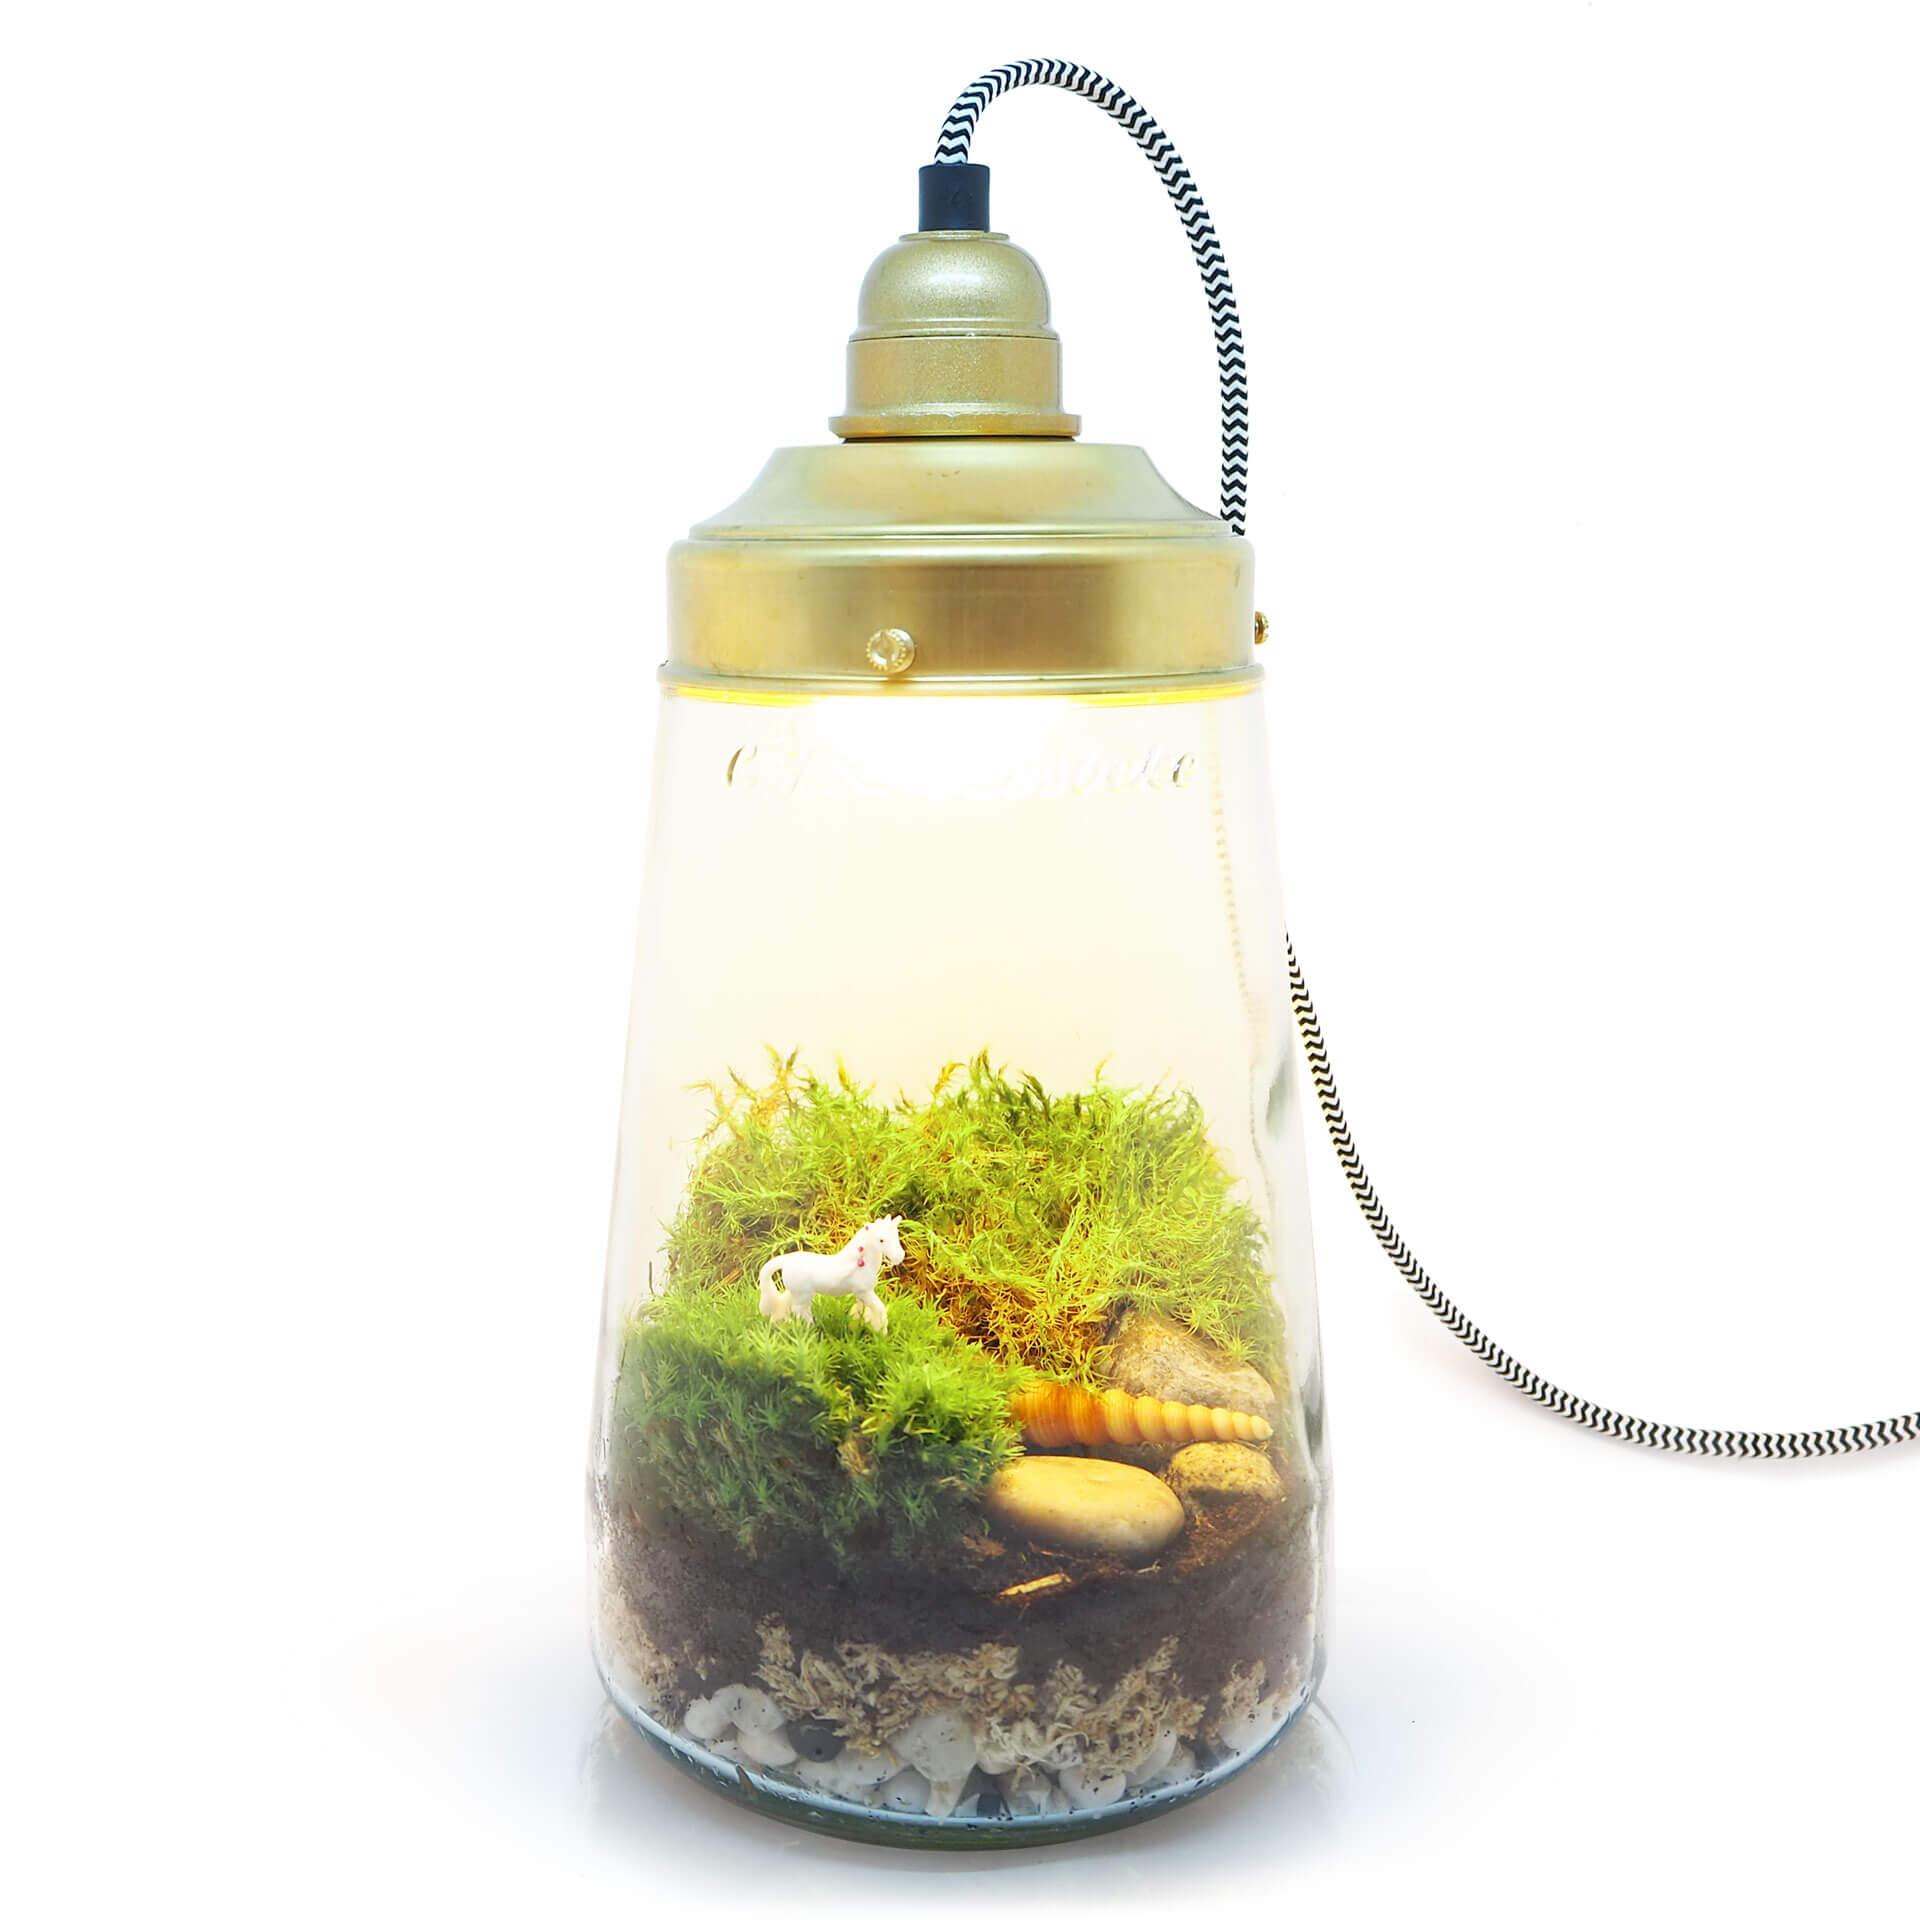 ecosysteem lamp eenhoorn mini-ecosysteem zelfmaken terrarium lamp inspickle